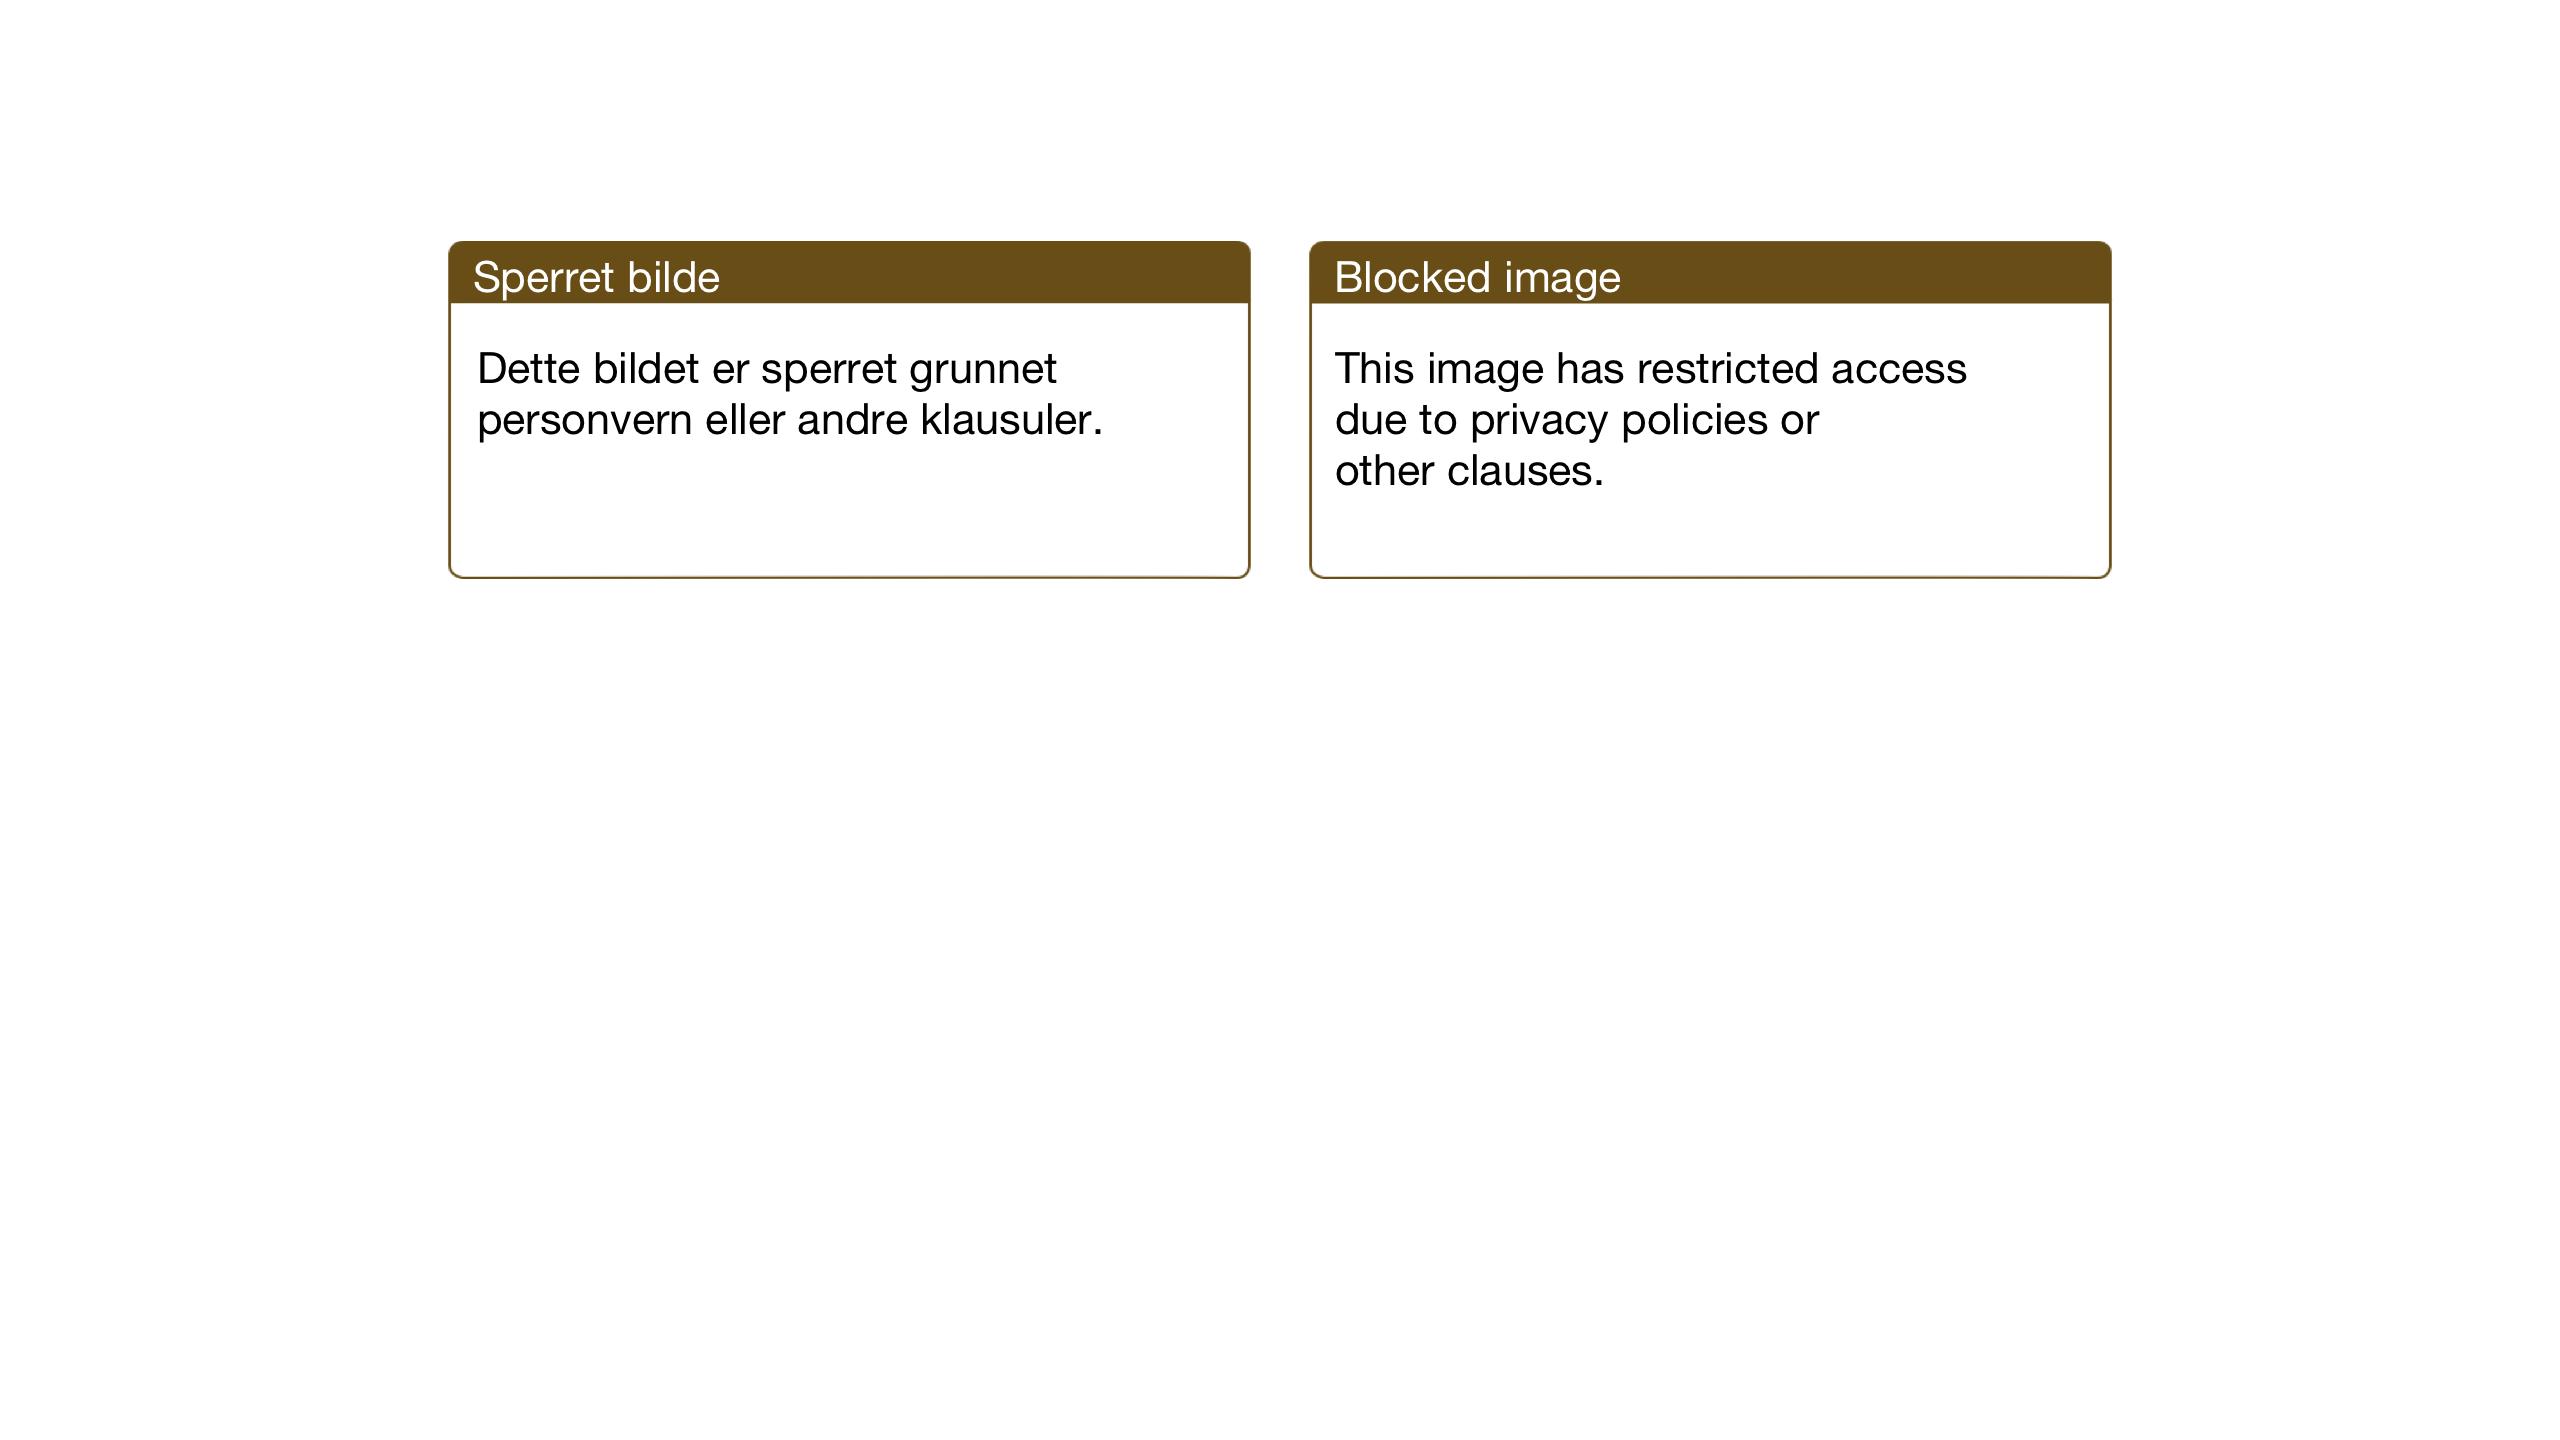 SAT, Ministerialprotokoller, klokkerbøker og fødselsregistre - Nord-Trøndelag, 773/L0625: Klokkerbok nr. 773C01, 1910-1952, s. 230